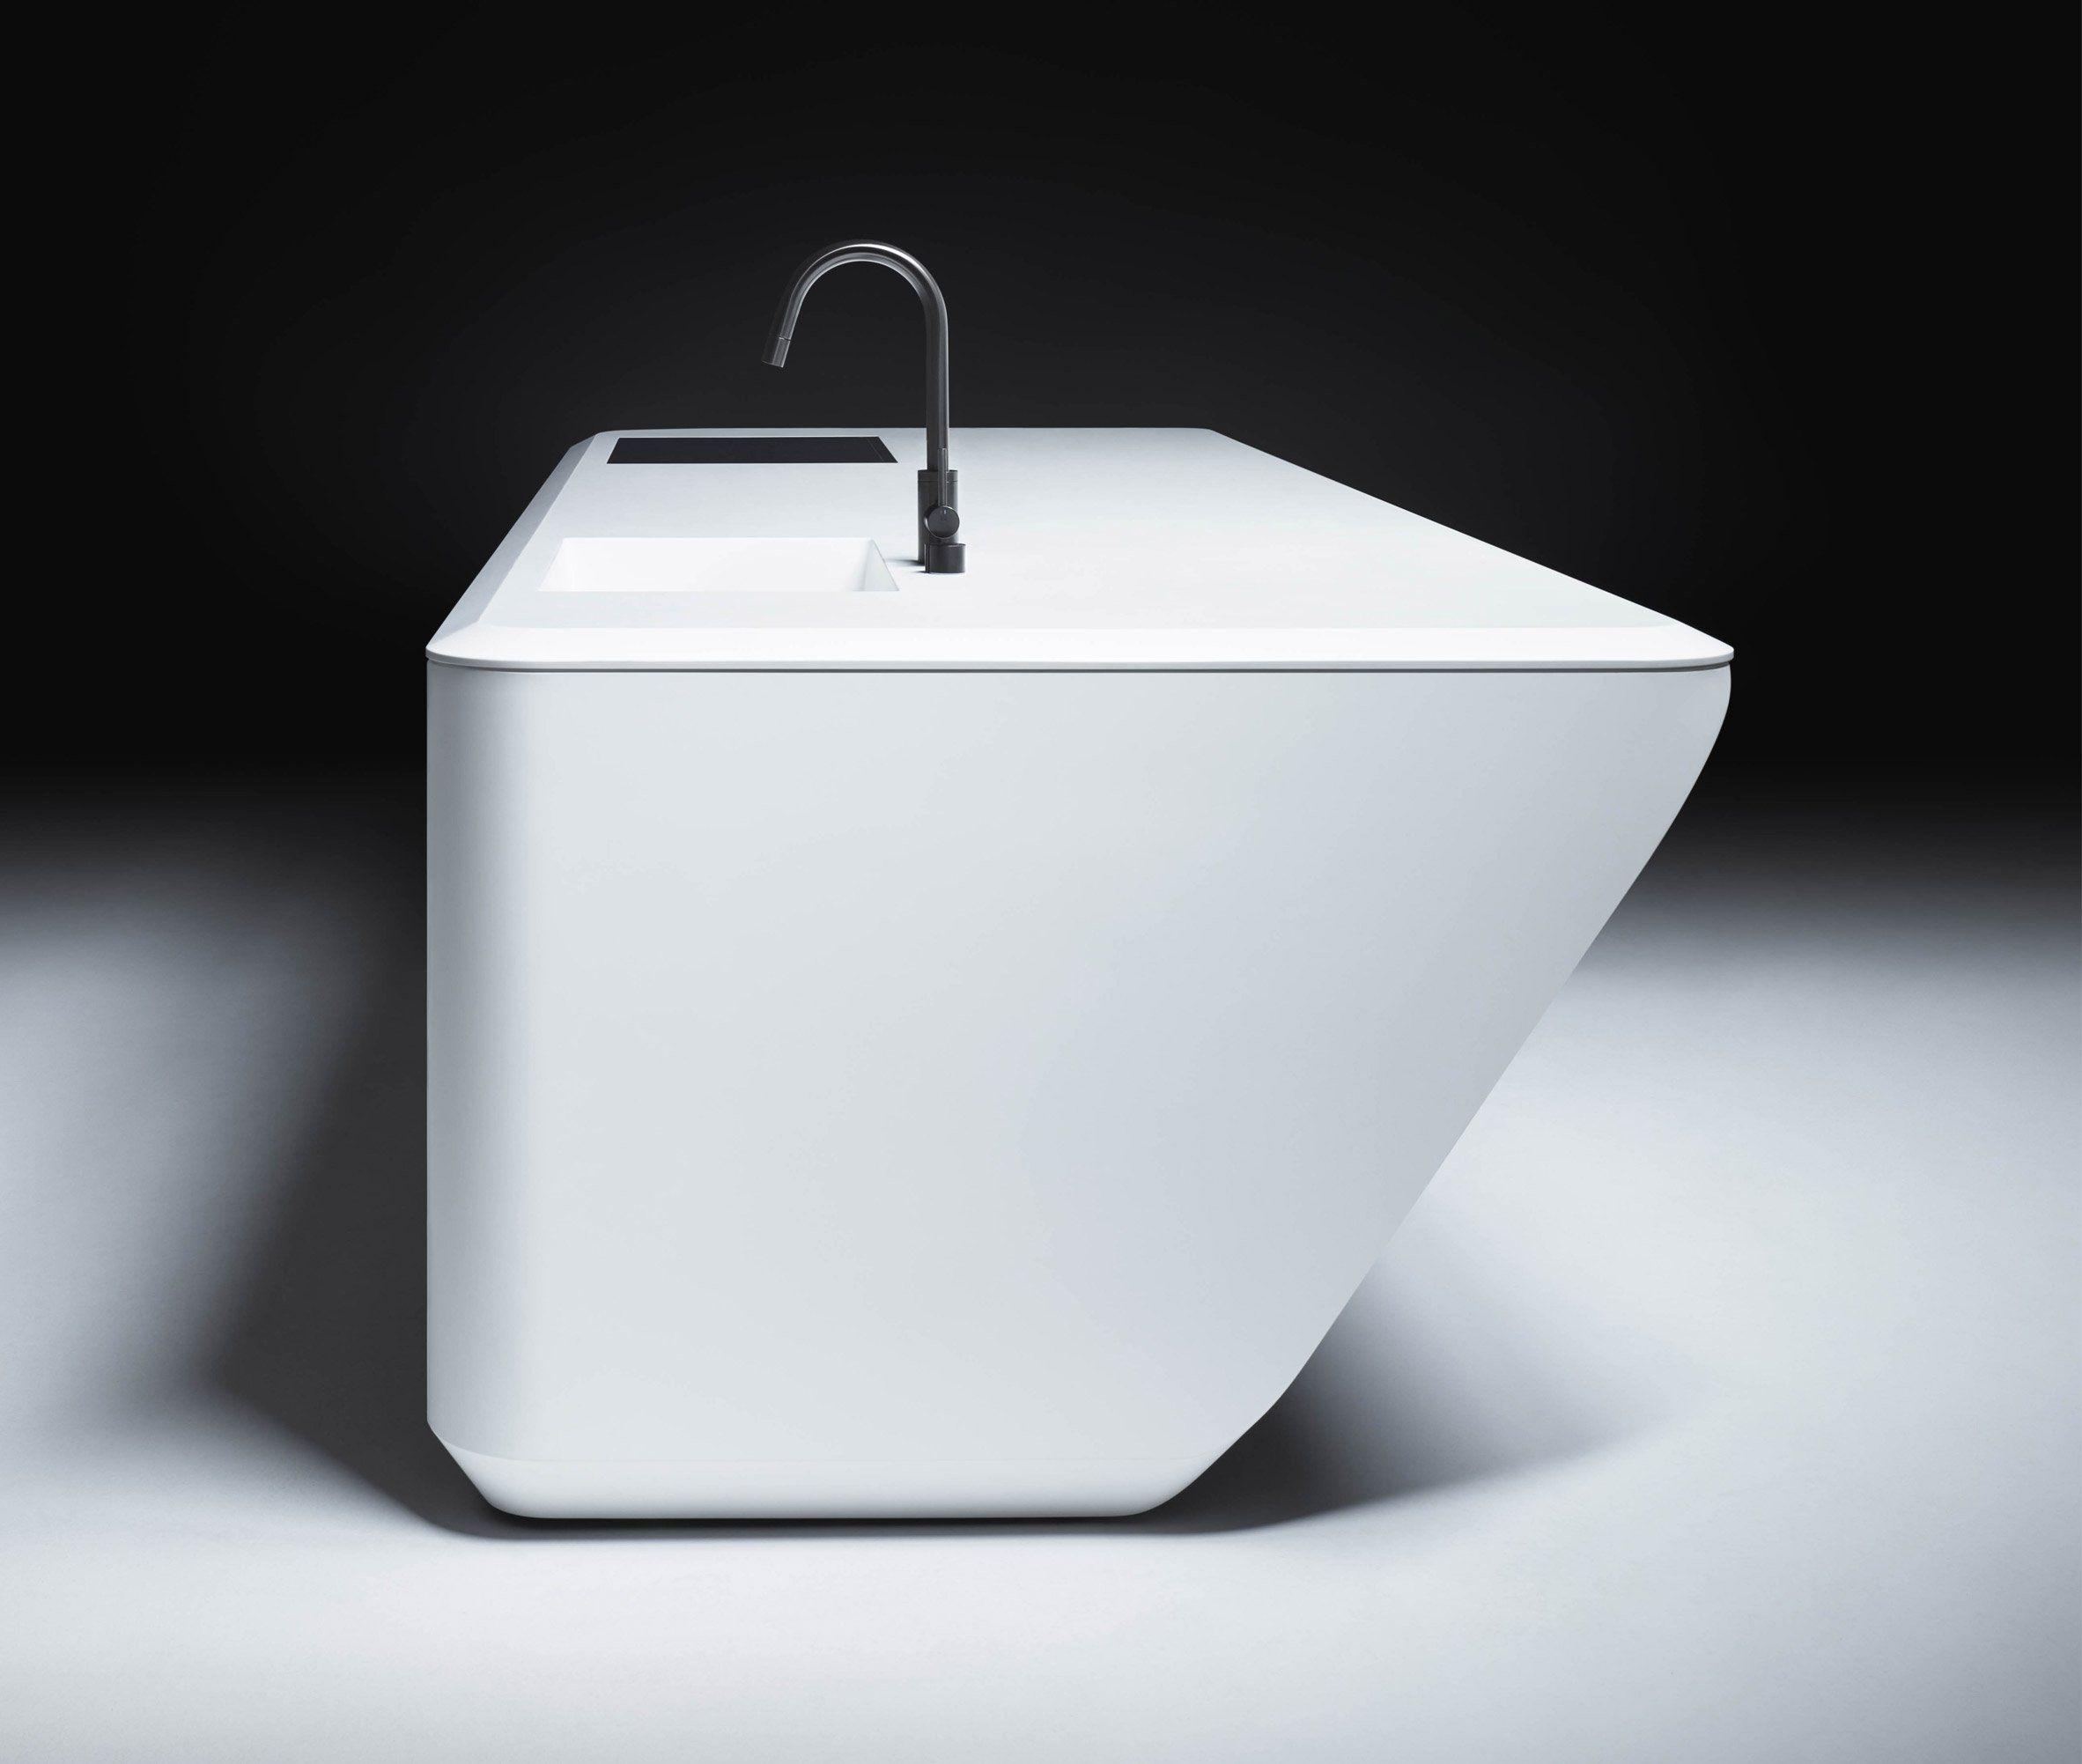 Zaha Hadid Architects Kitchens For New York Condo Building  # Muebles De Zaha Hadid